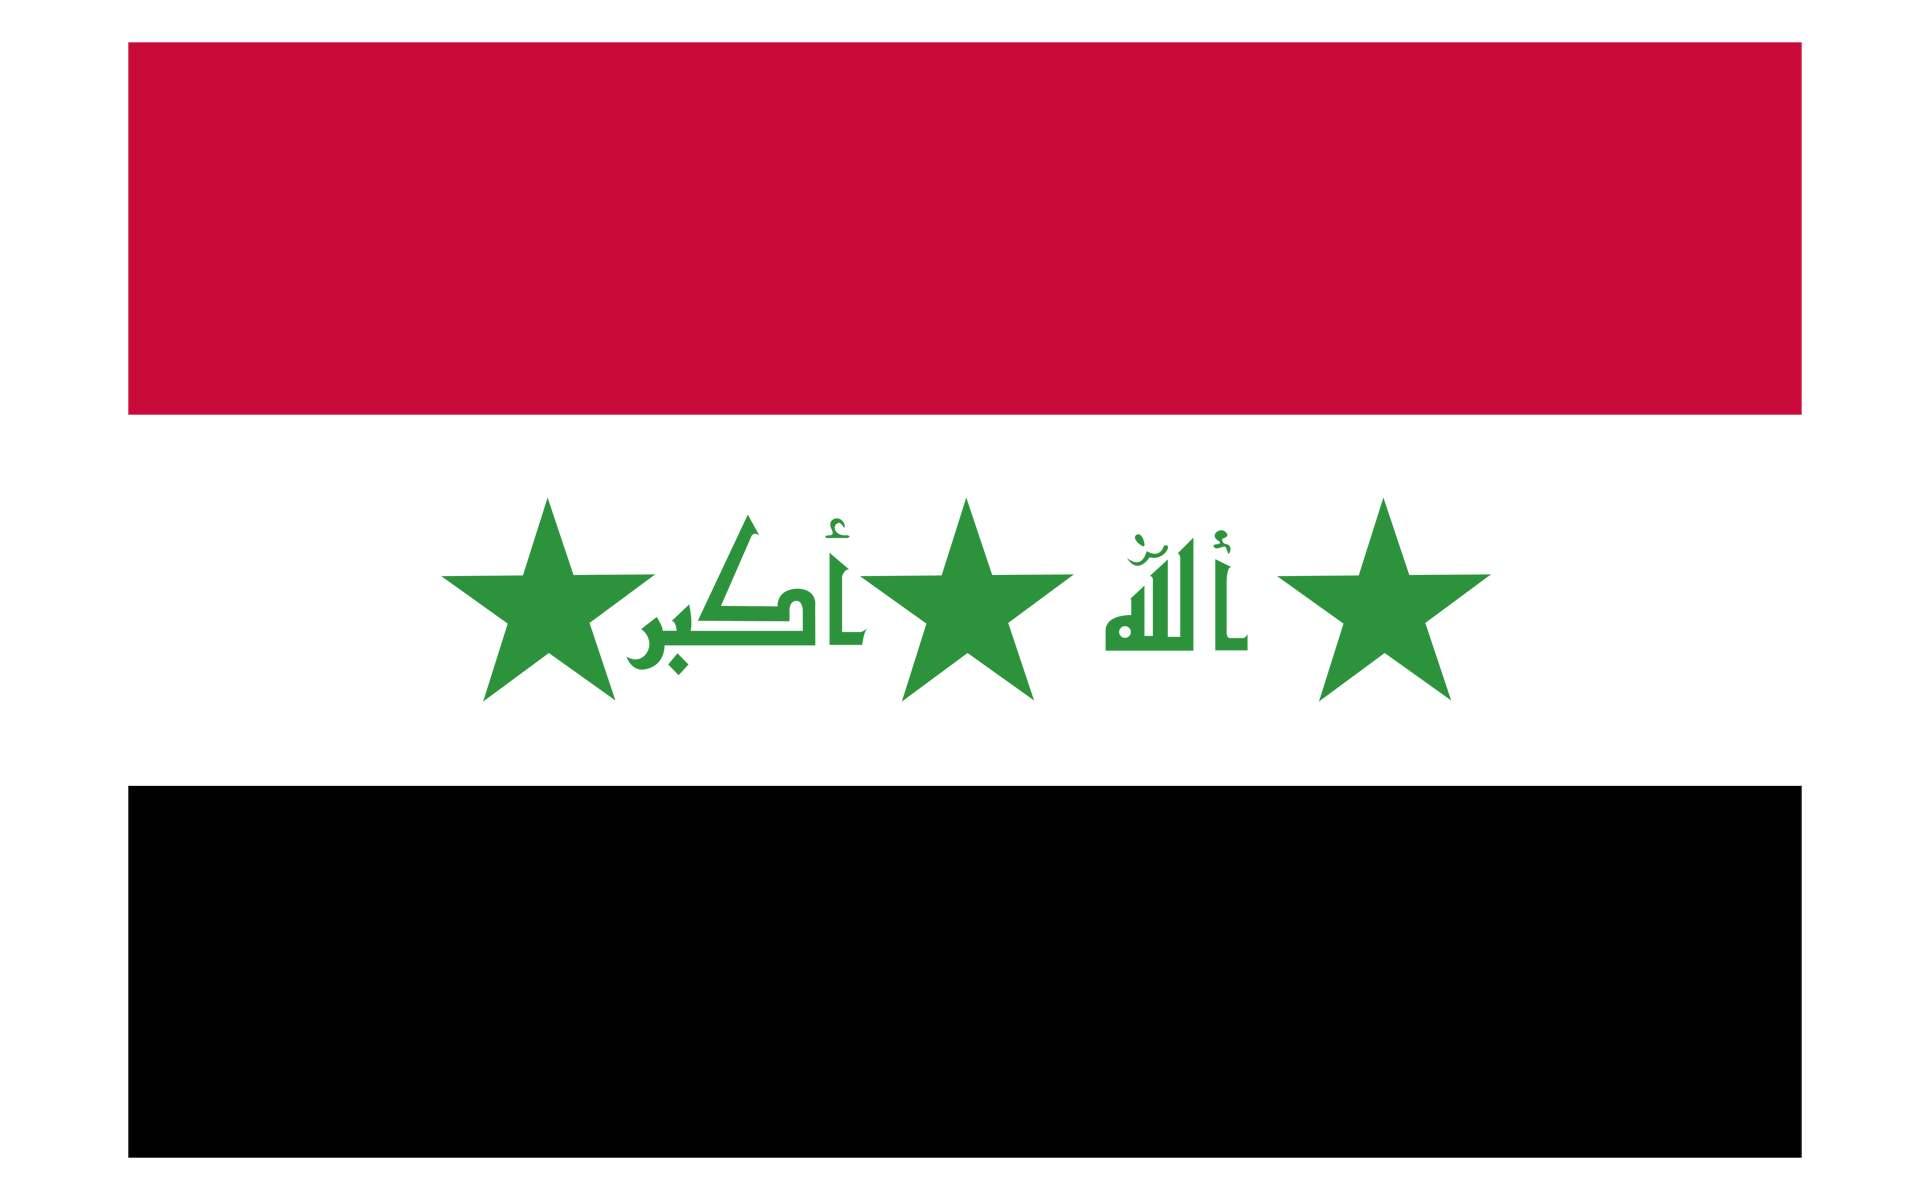 伊拉克市场